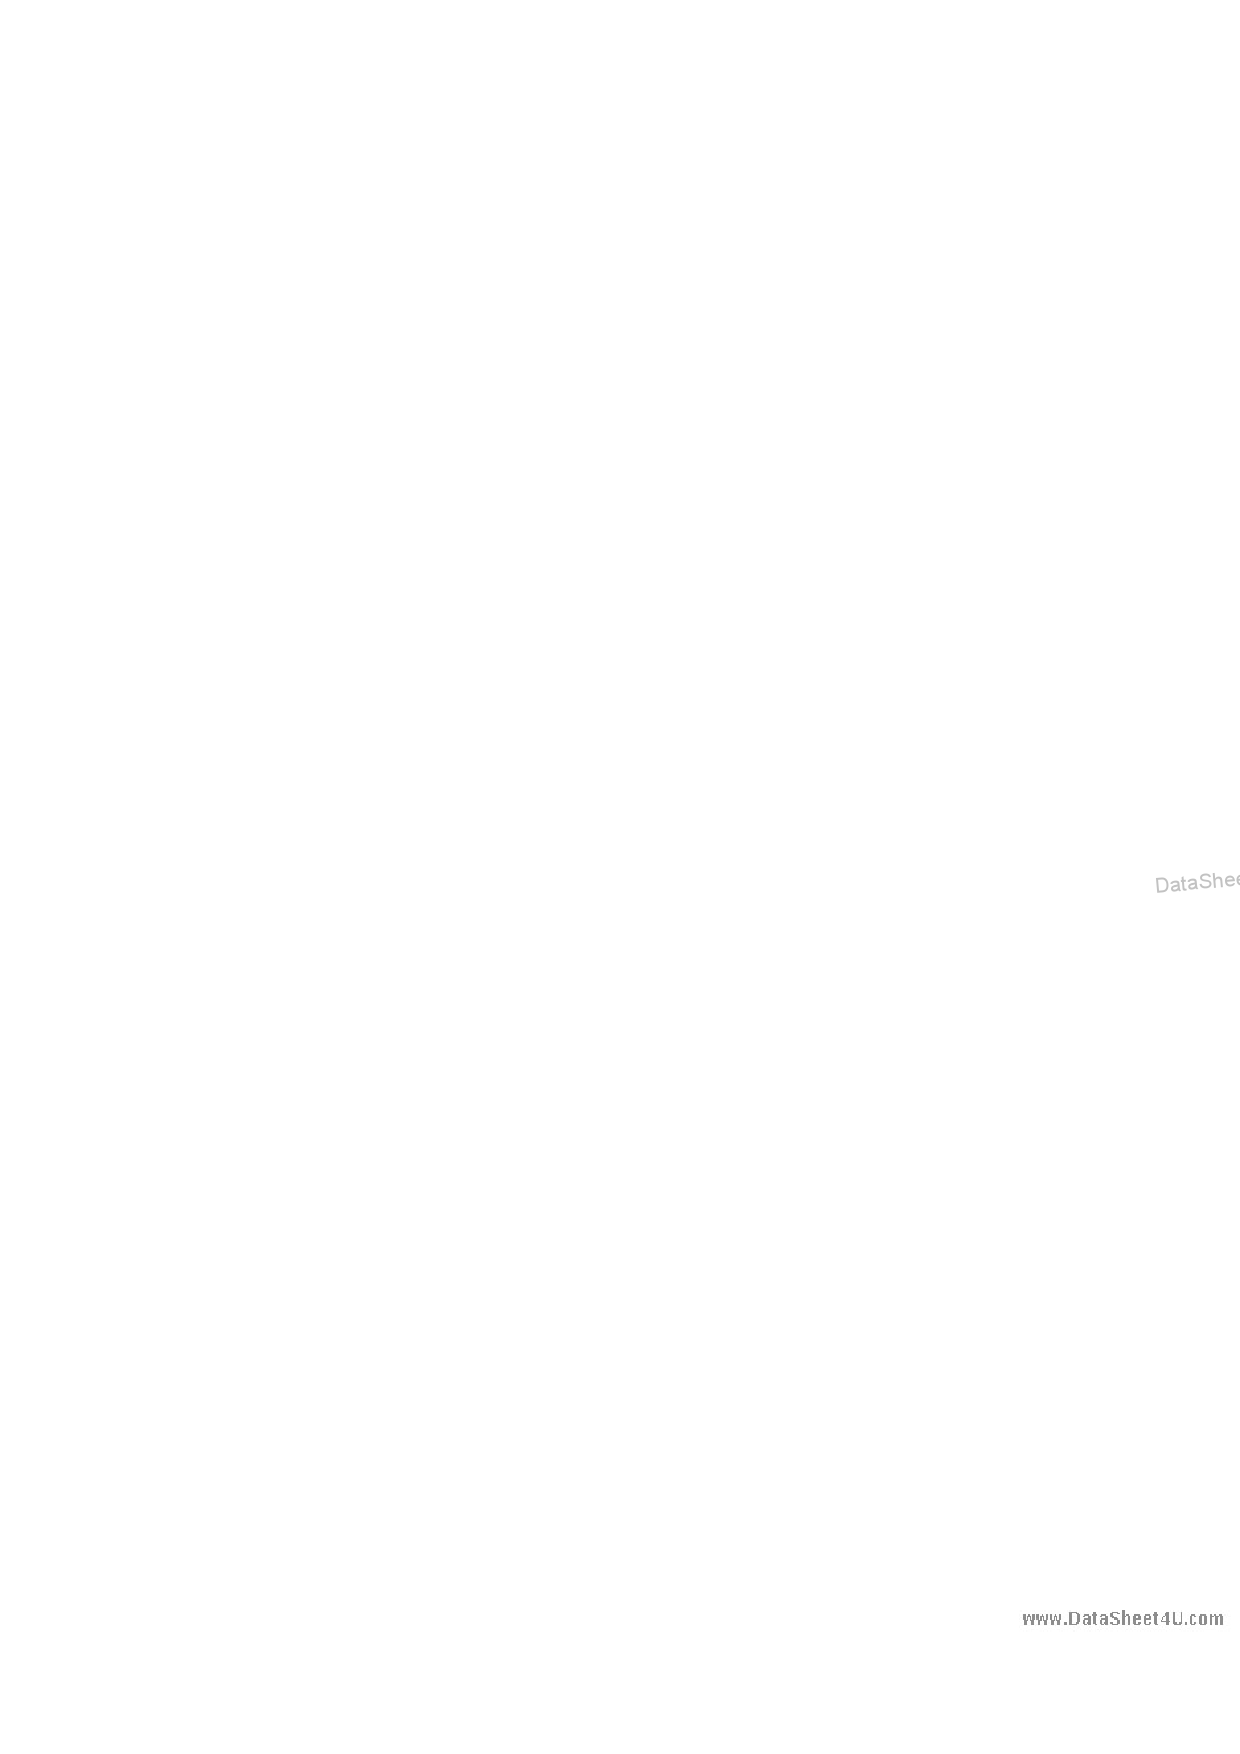 ES1371 دیتاشیت PDF